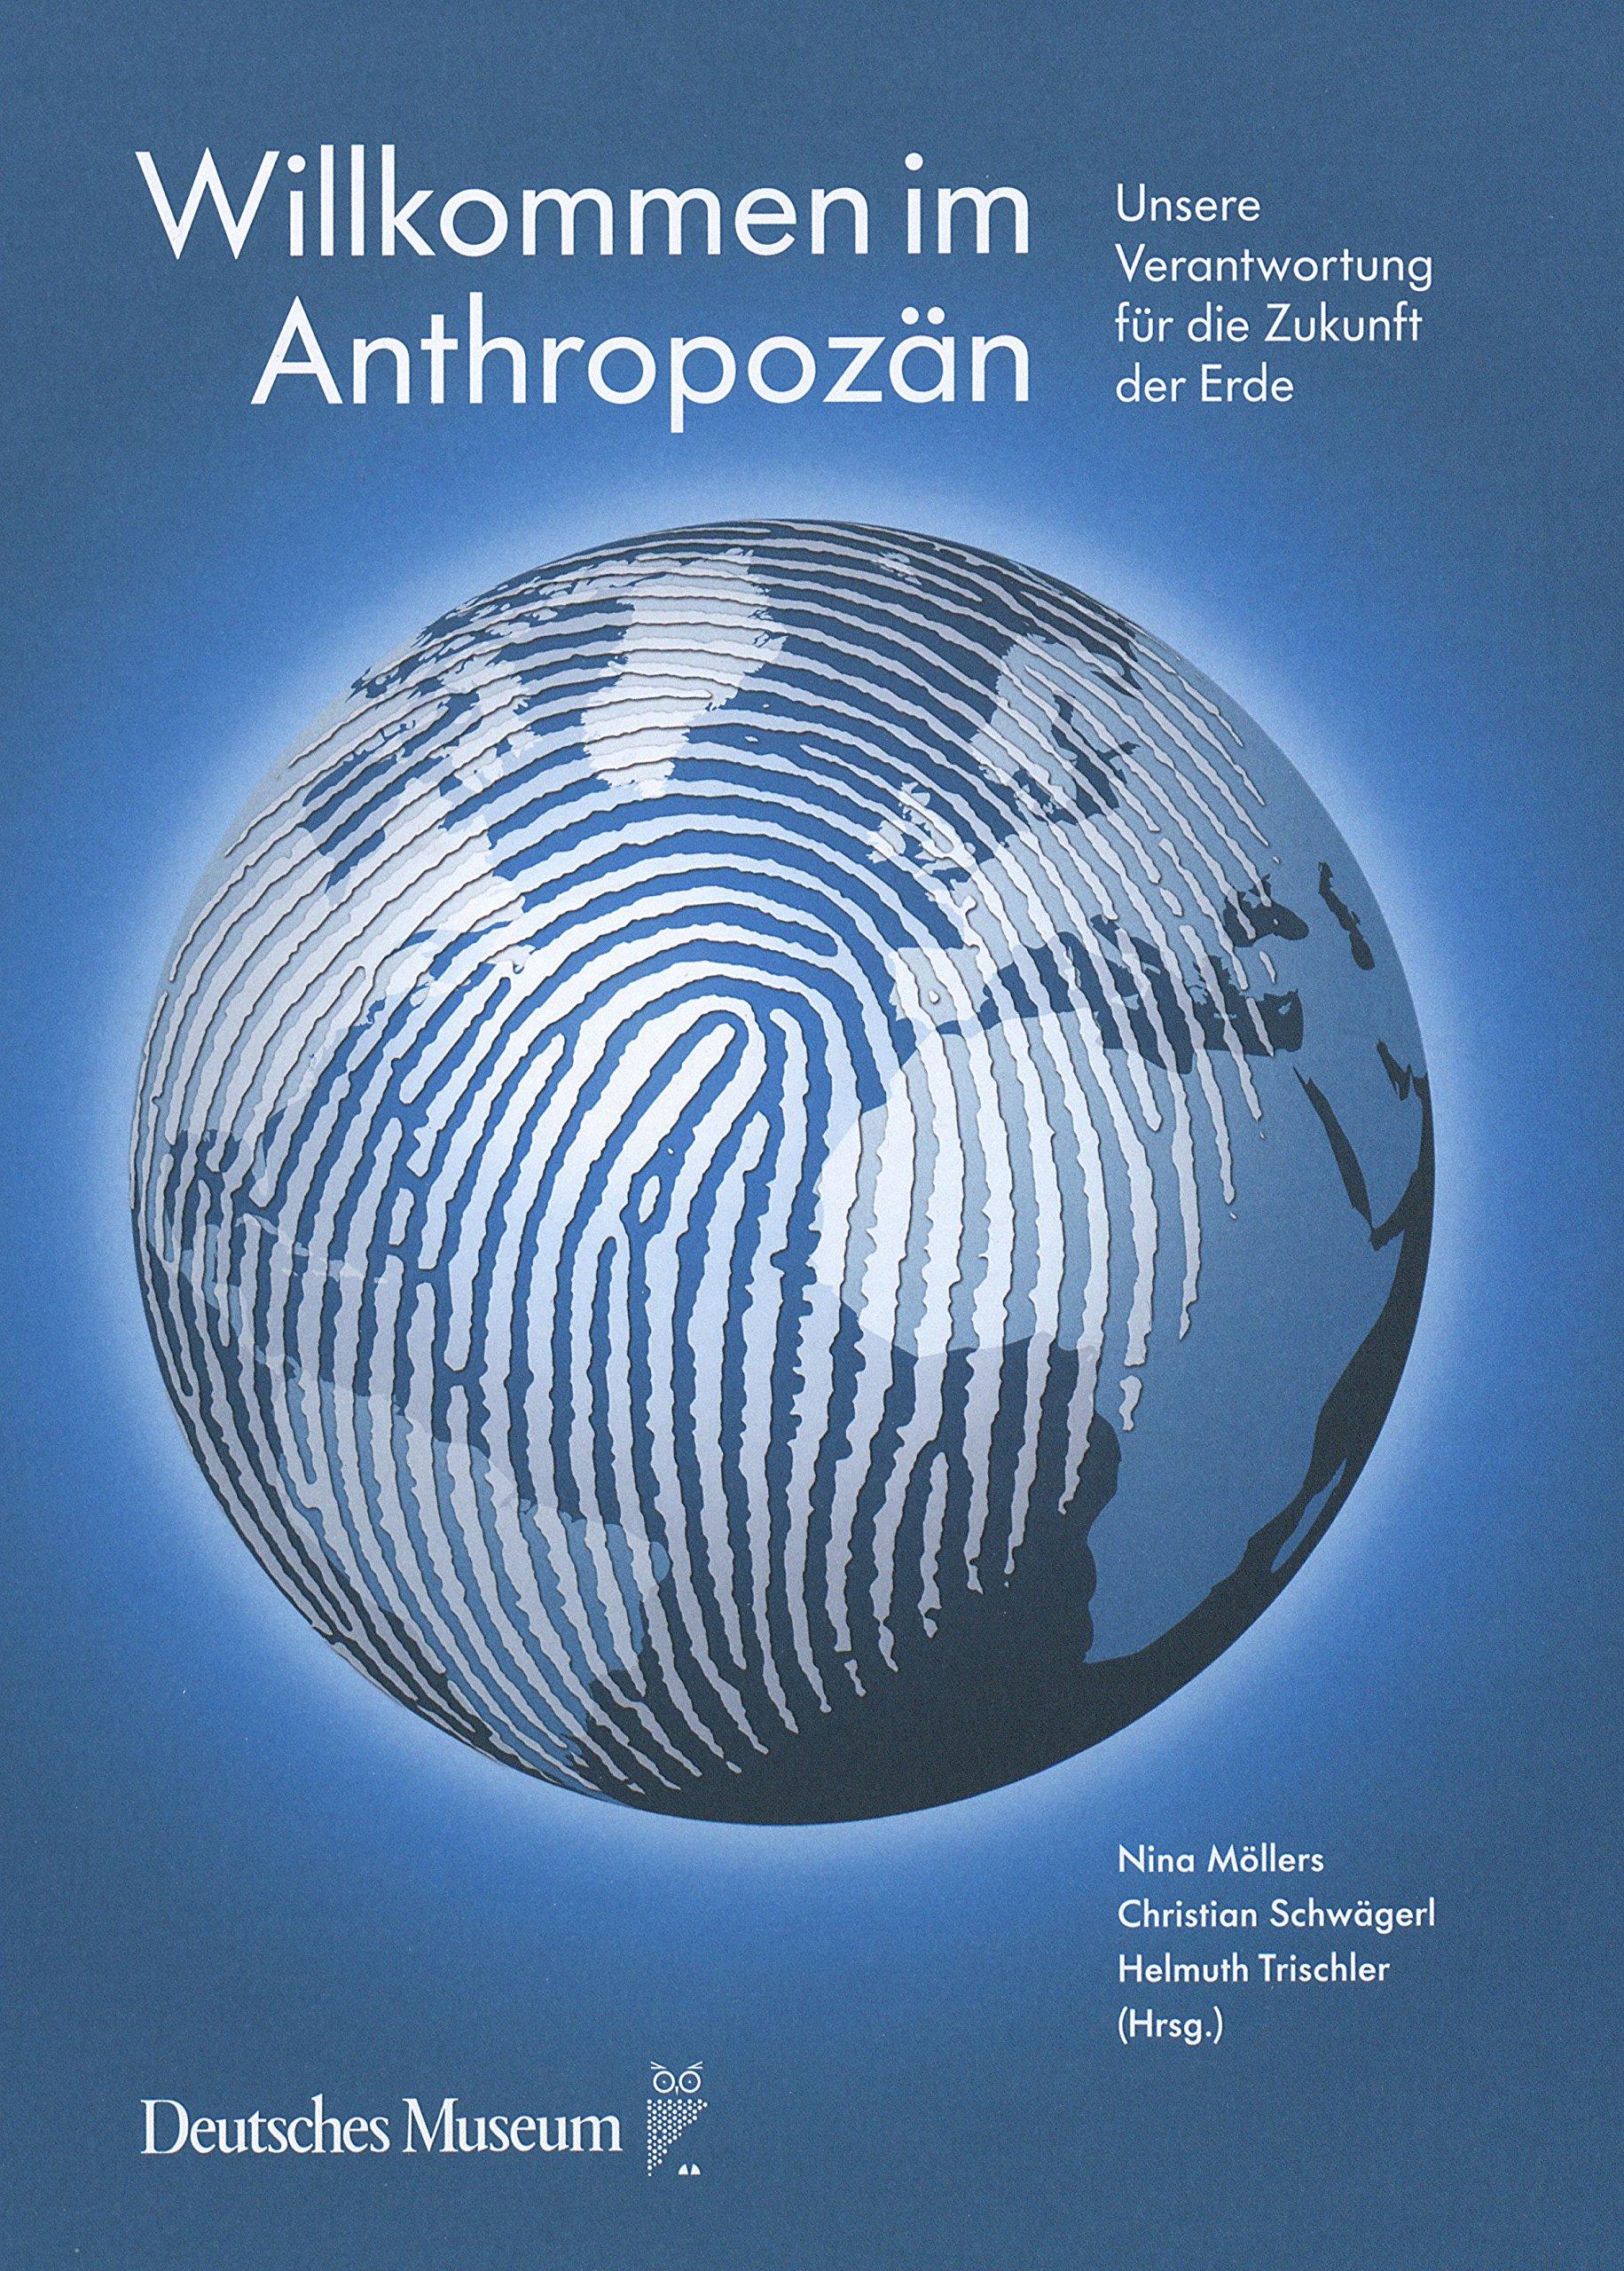 8769777c2c07e Willkommen im Anthropozän  Unsere Verantwortung für die Zukunft der Erde   Amazon.de  Nina Möllers